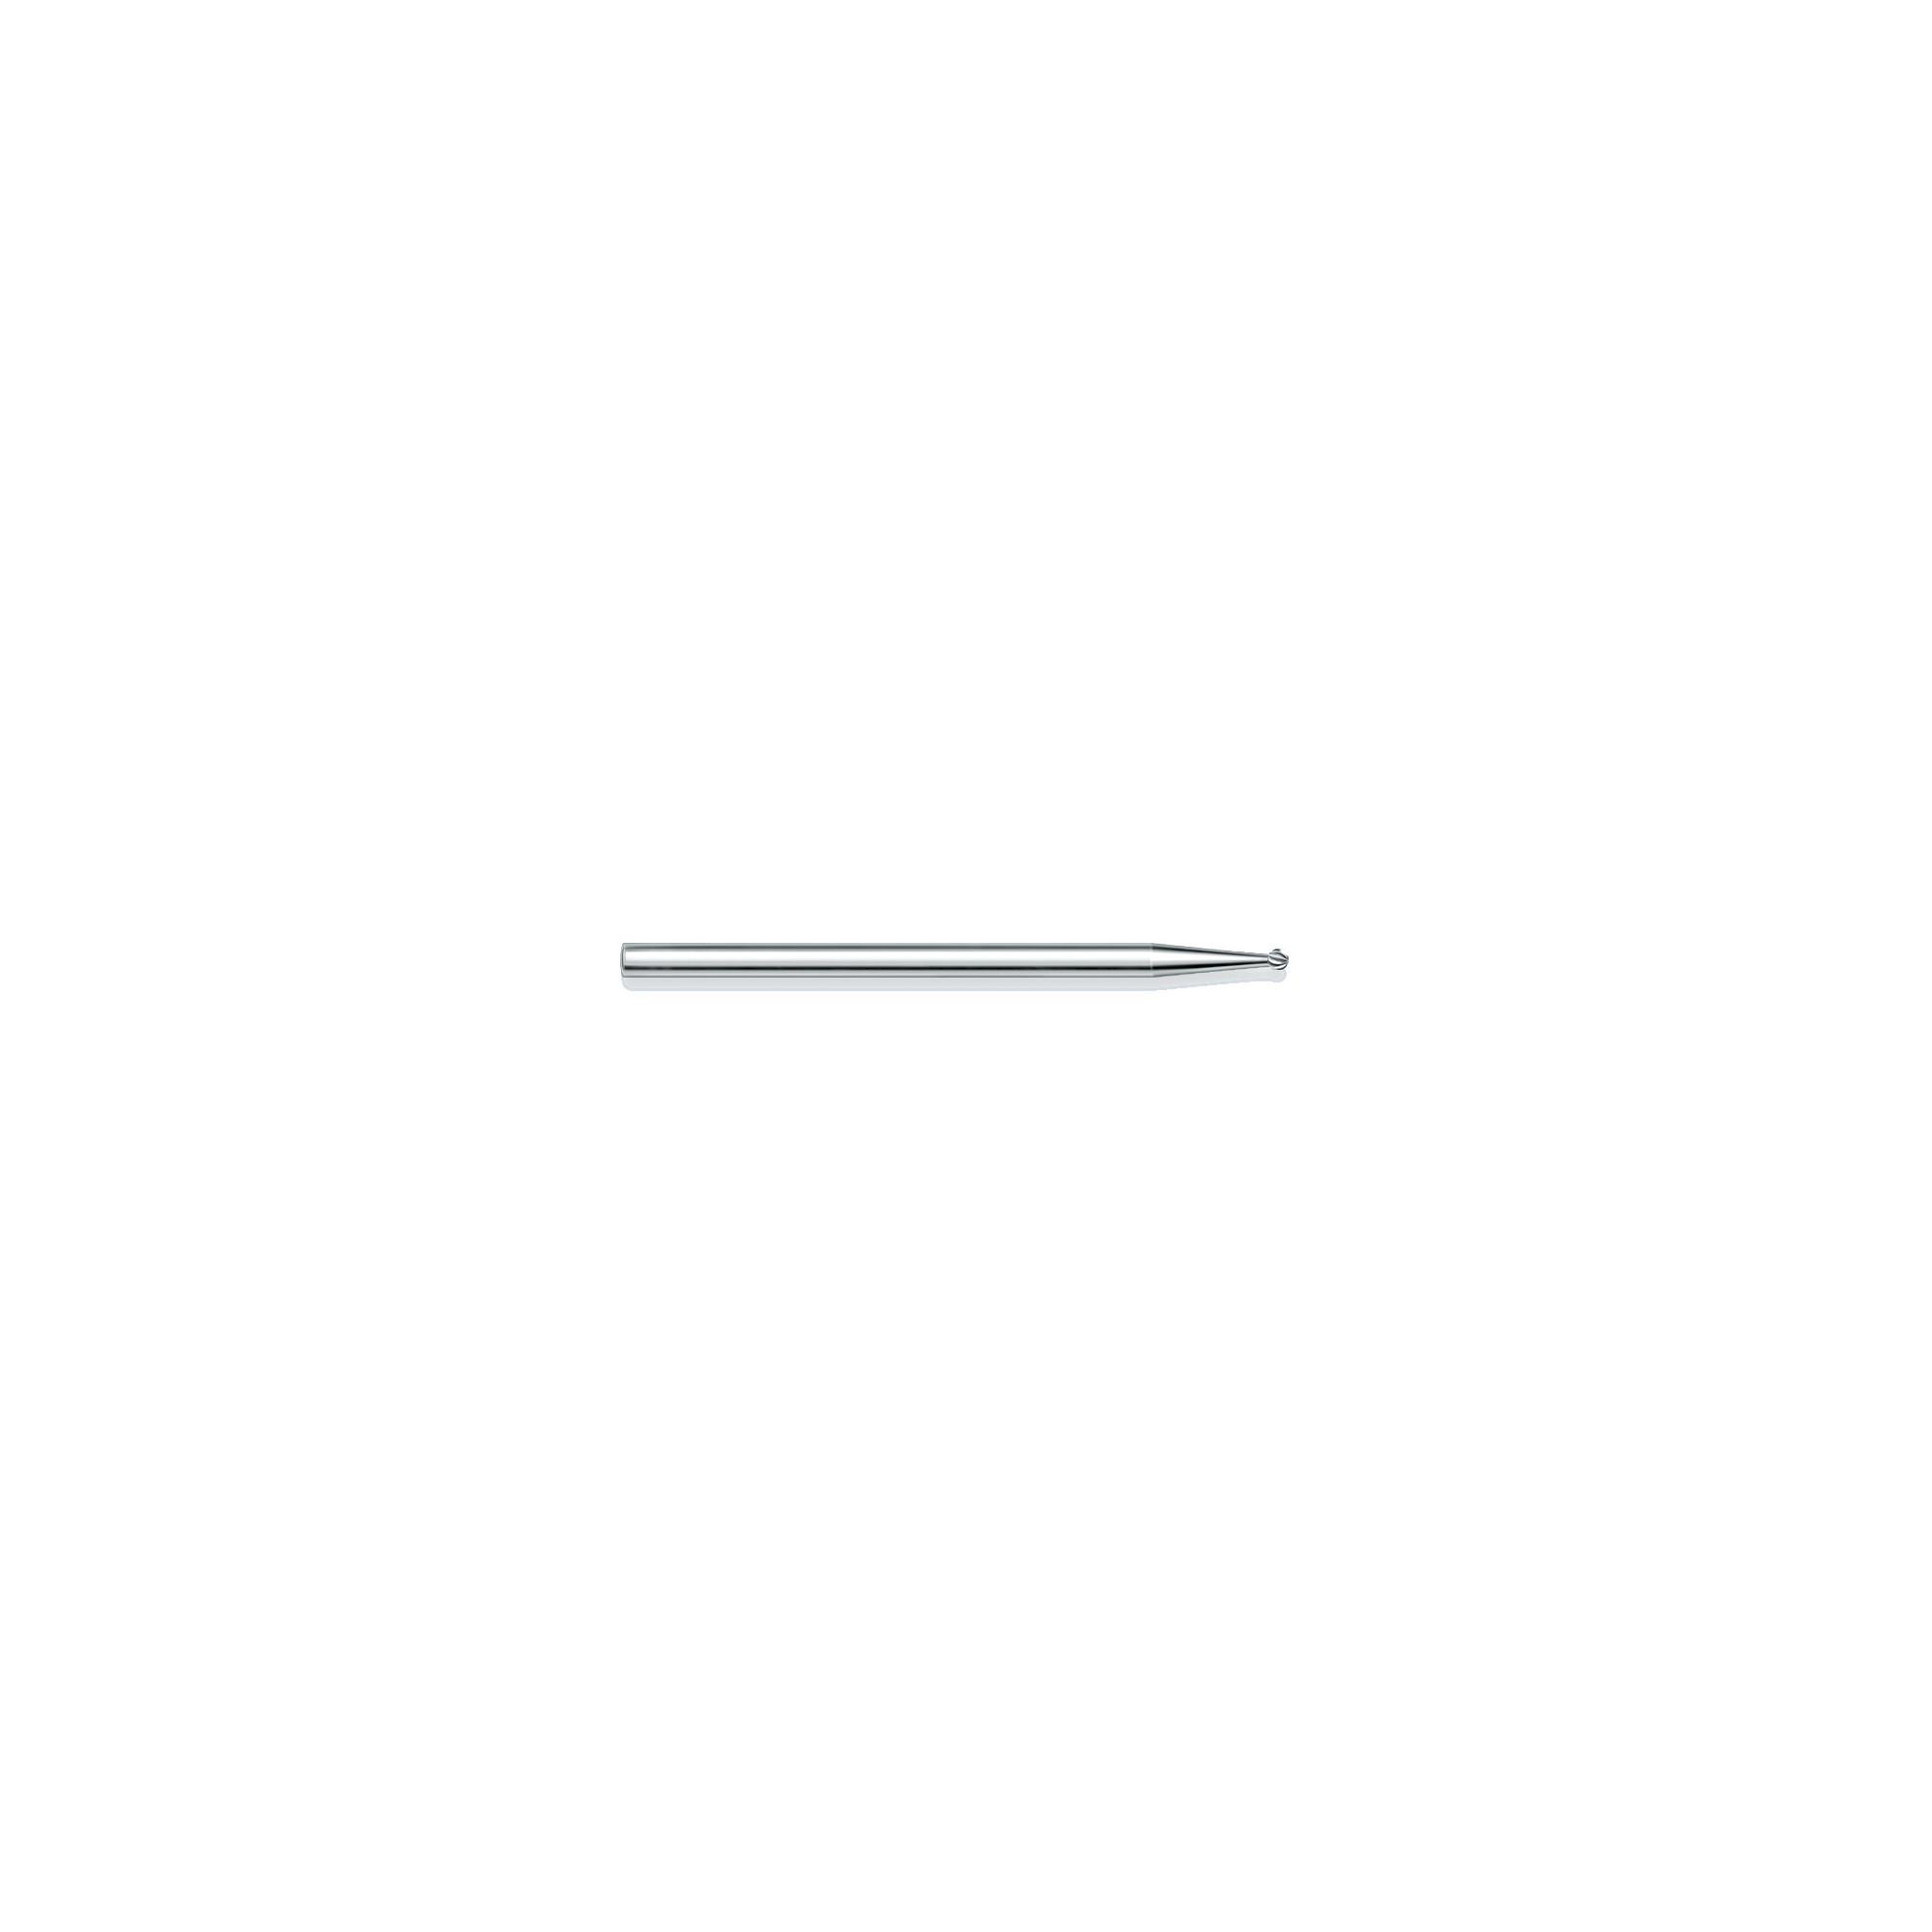 Fraise 1RS - Acier inoxydable - Enucléation des cors - 1,2 mm